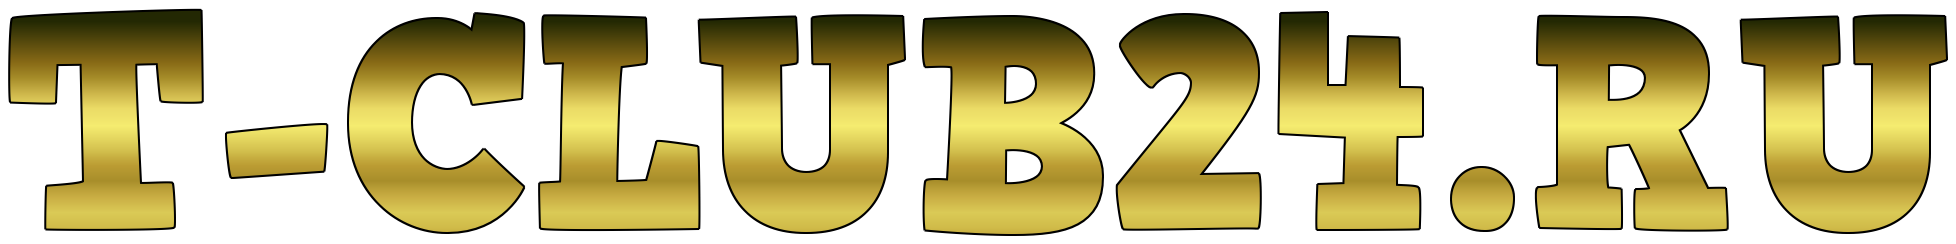 Taxi-club24